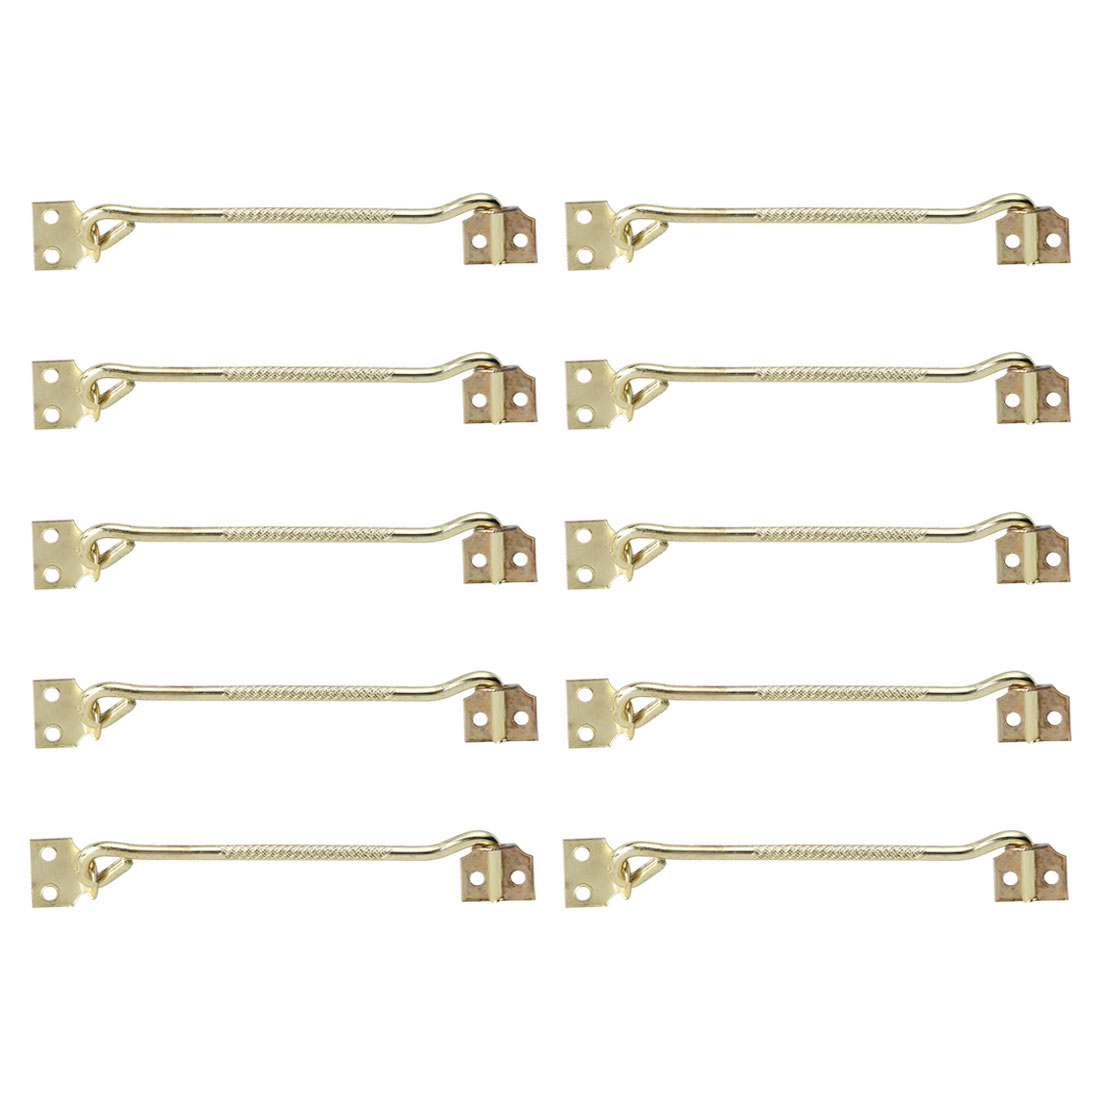 8 Inch Cabin Hooks Thicken Eye Latch Hooks for Slide Window Gold Tone, 10pcs